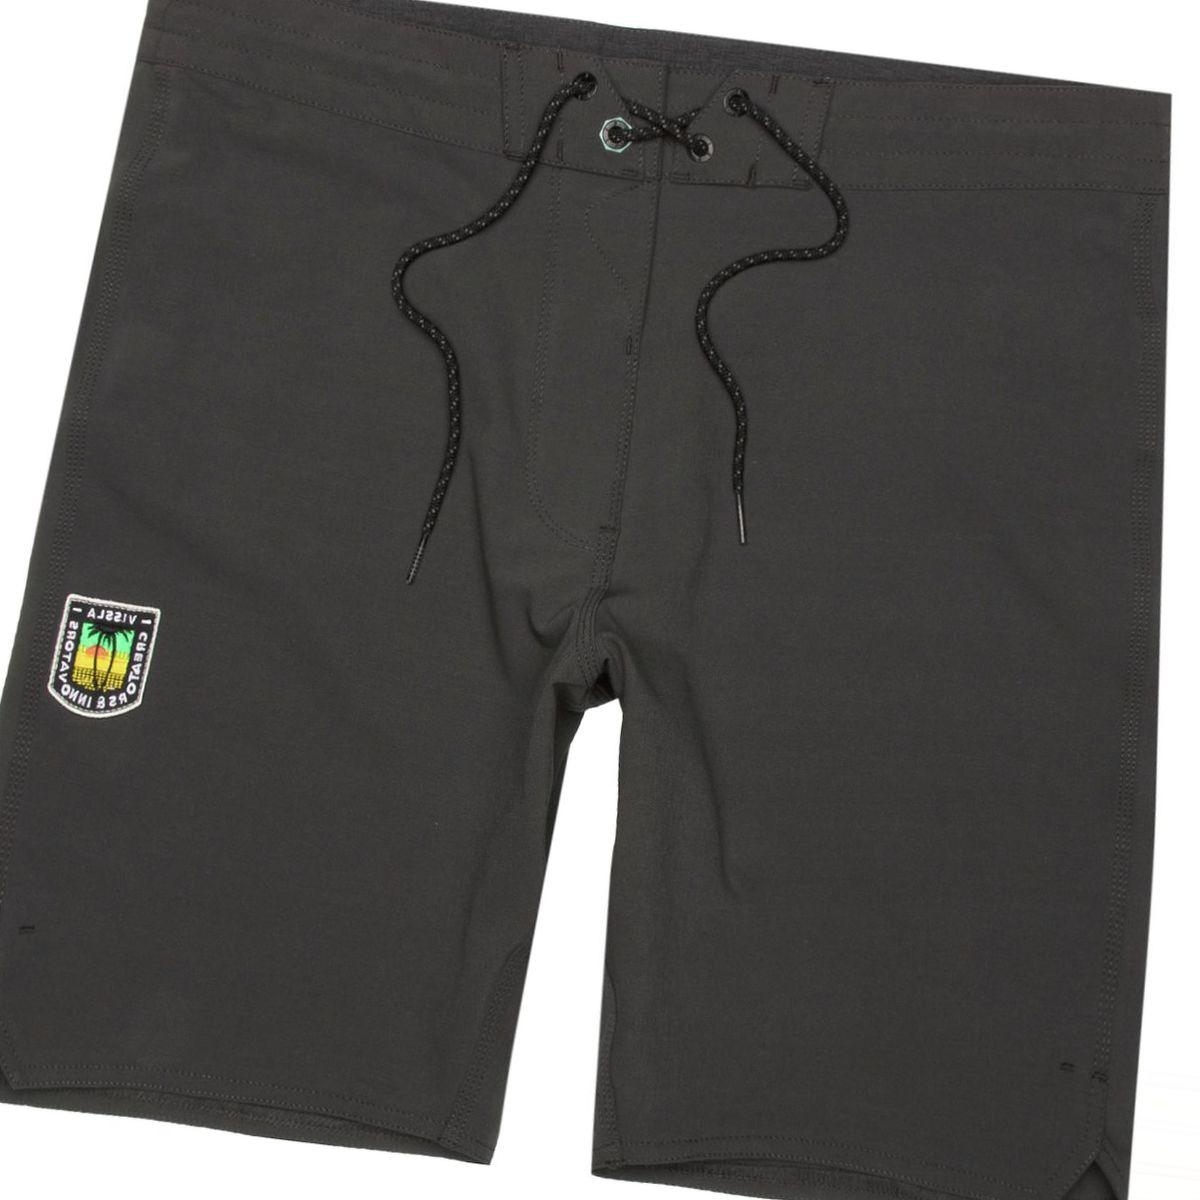 Vissla Solid Sets 18.5in Boardshort - Men's